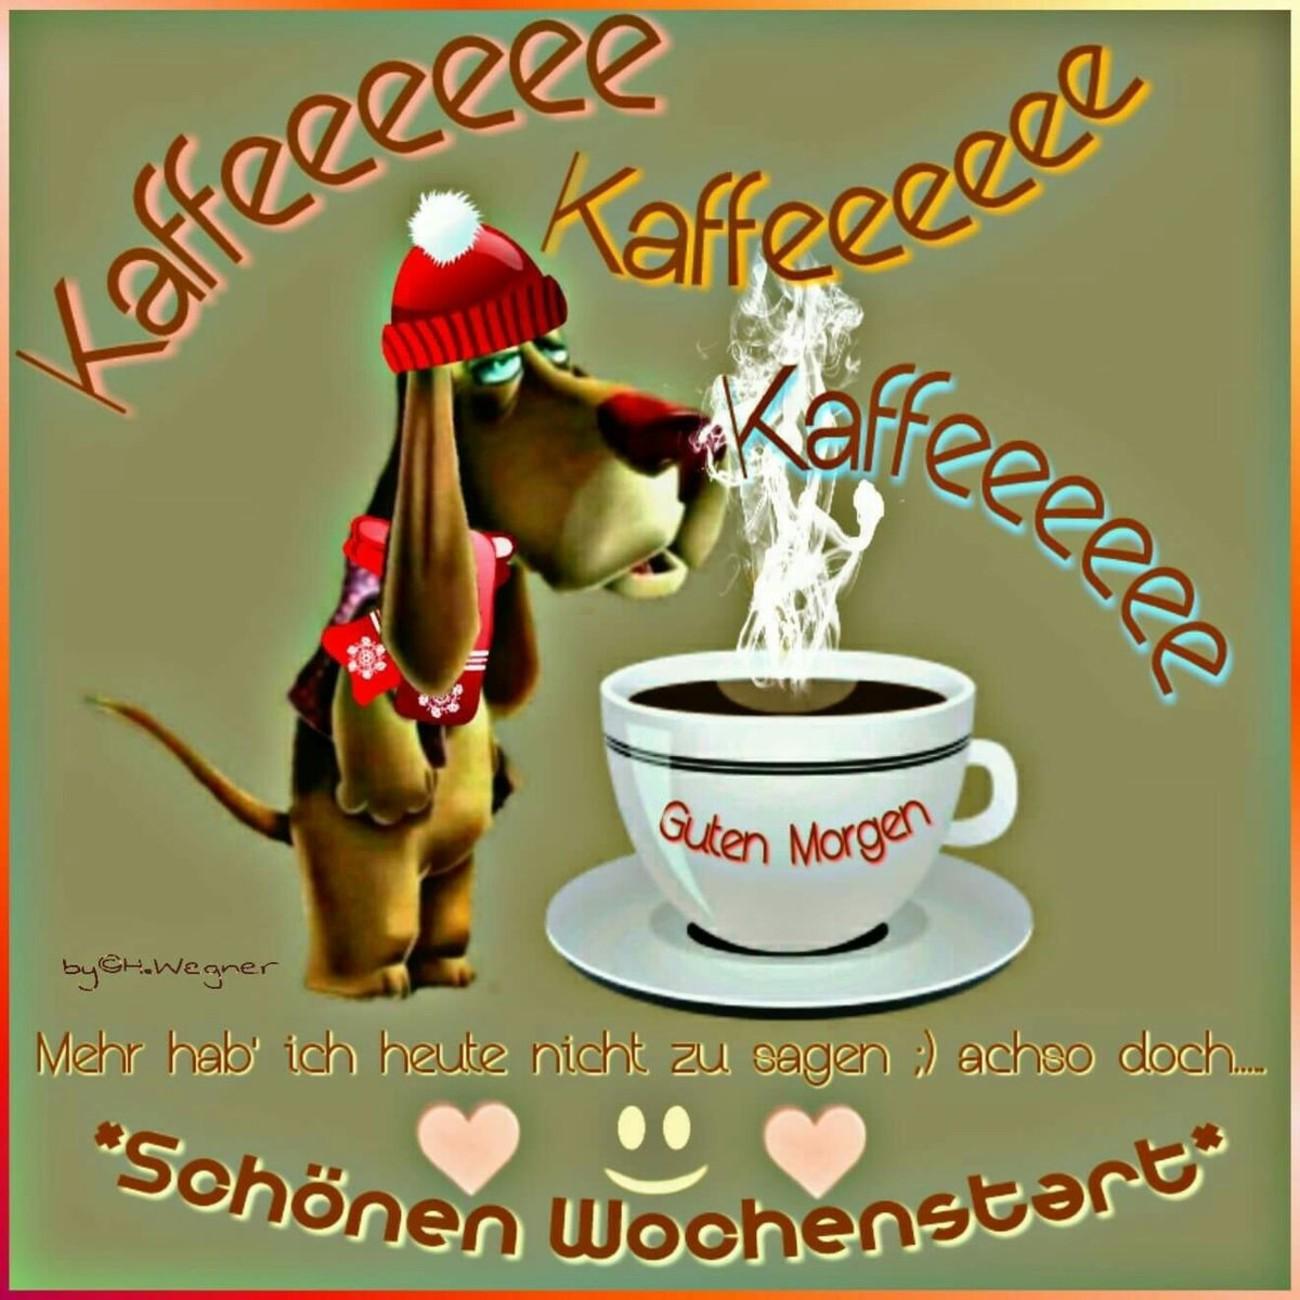 Schönen Montag Kaffee Gbpicsbildercom